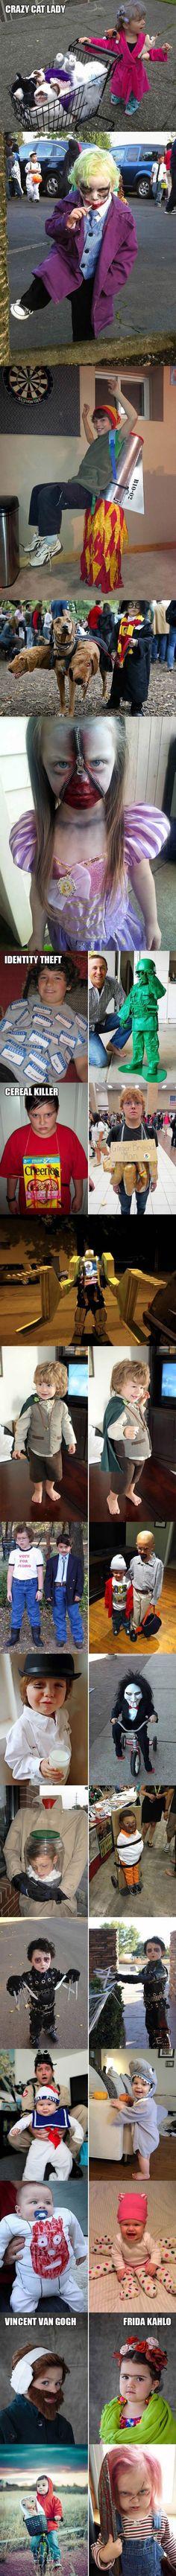 Die wohl coolsten Halloween-Kostüme | Webfail - Fail Bilder und Fail Videos